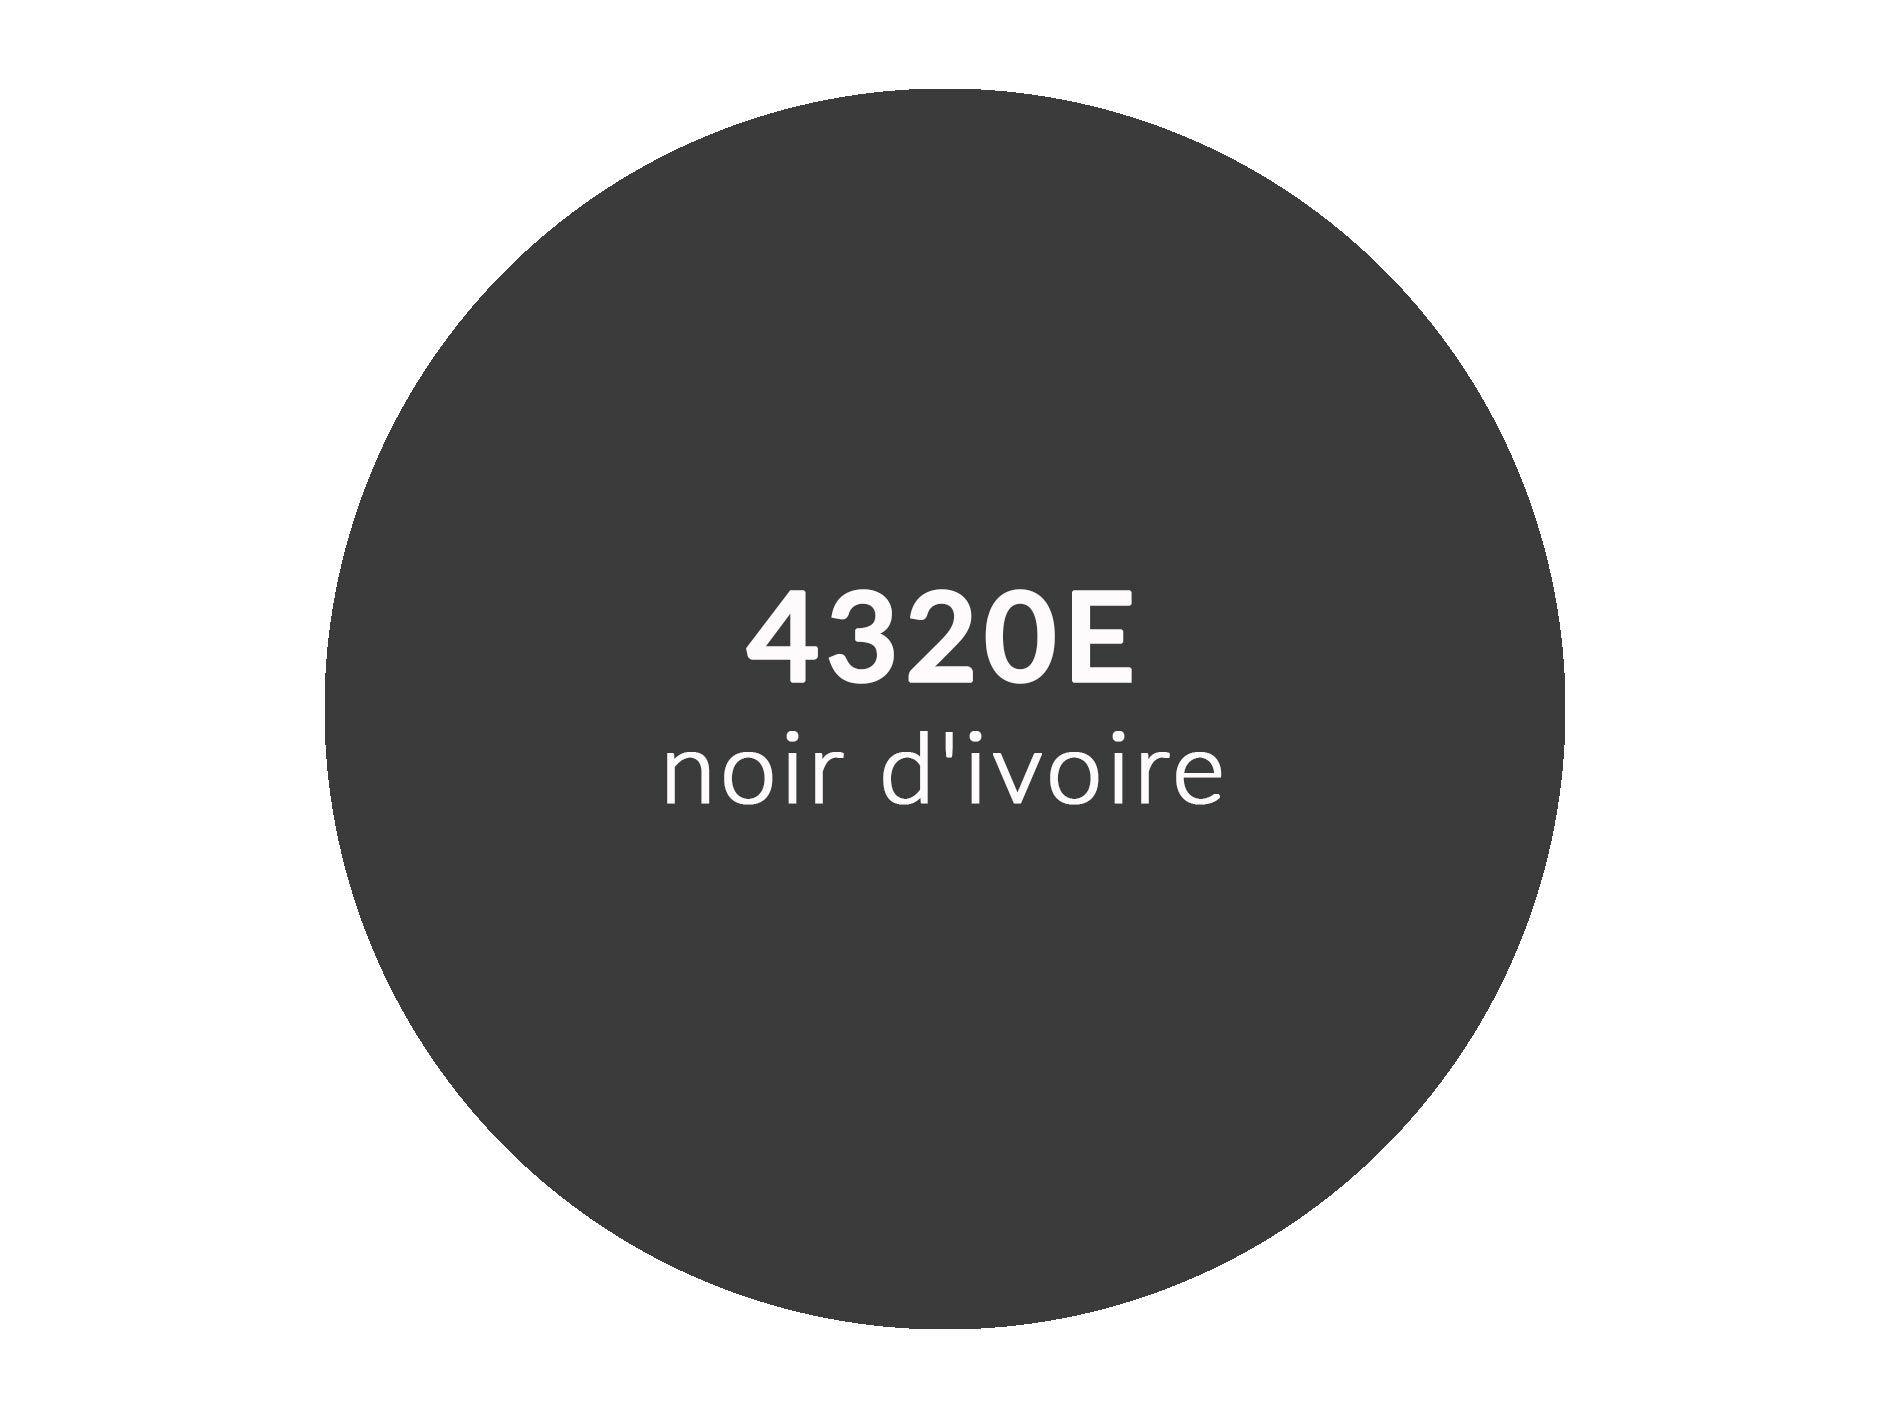 Le Corbusier S Polychromie Architecturale 48 63 4320e Noir D Ivoire The Ivory Black A Black As Deep As The Dark Night Le Corbusier Corbusier Color Coding